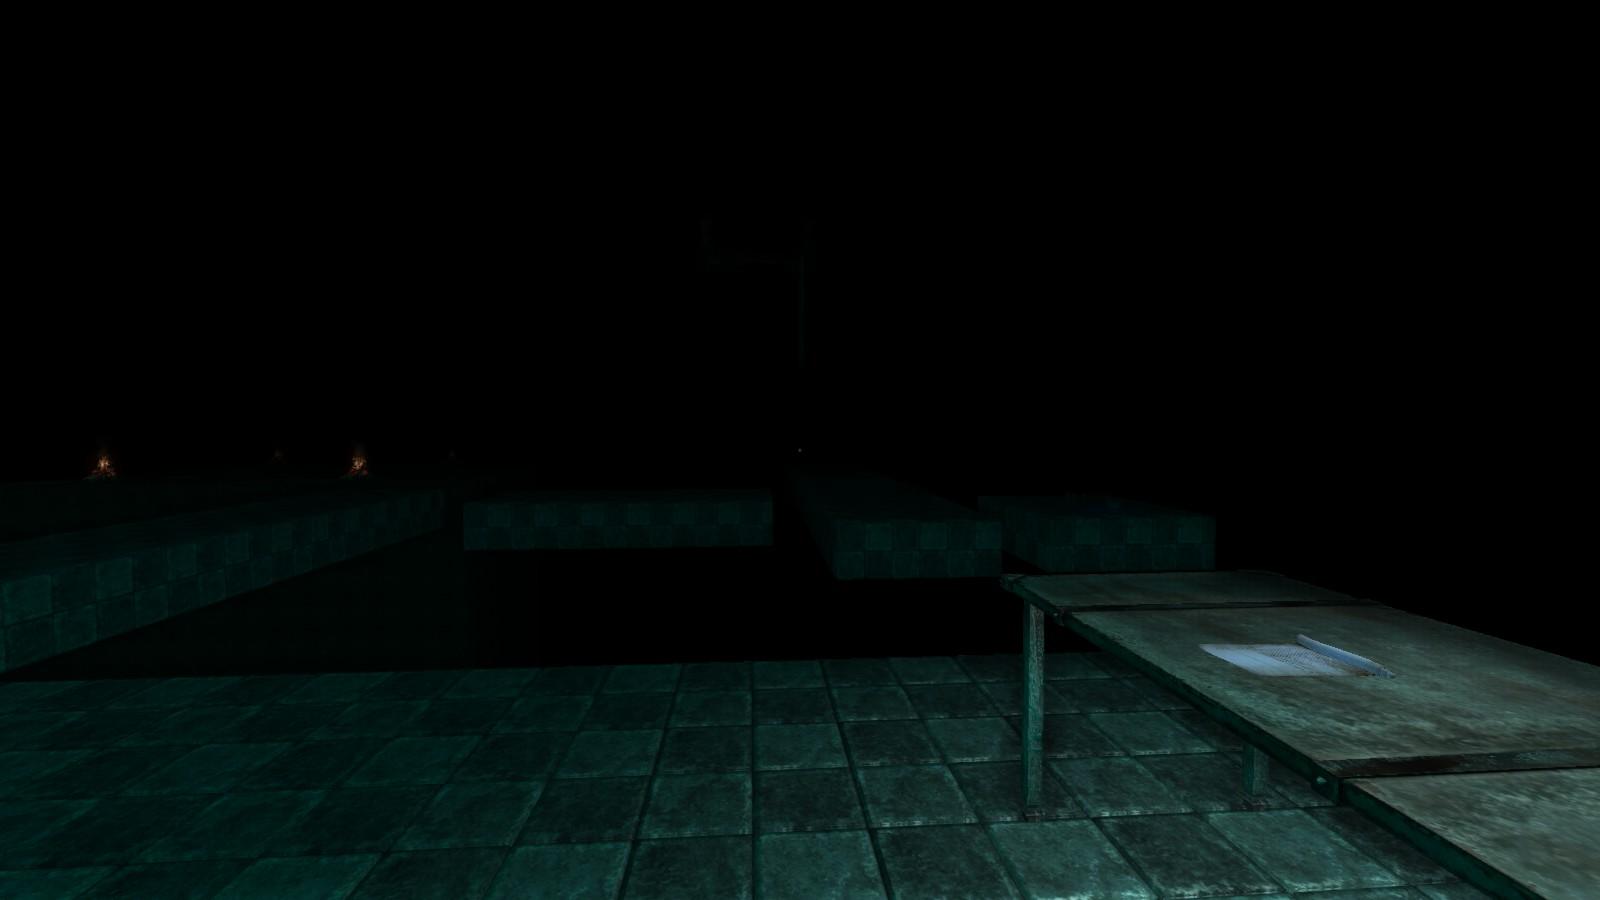 Images Schizophrenia Mod For Amnesia The Dark Descent Mod Db